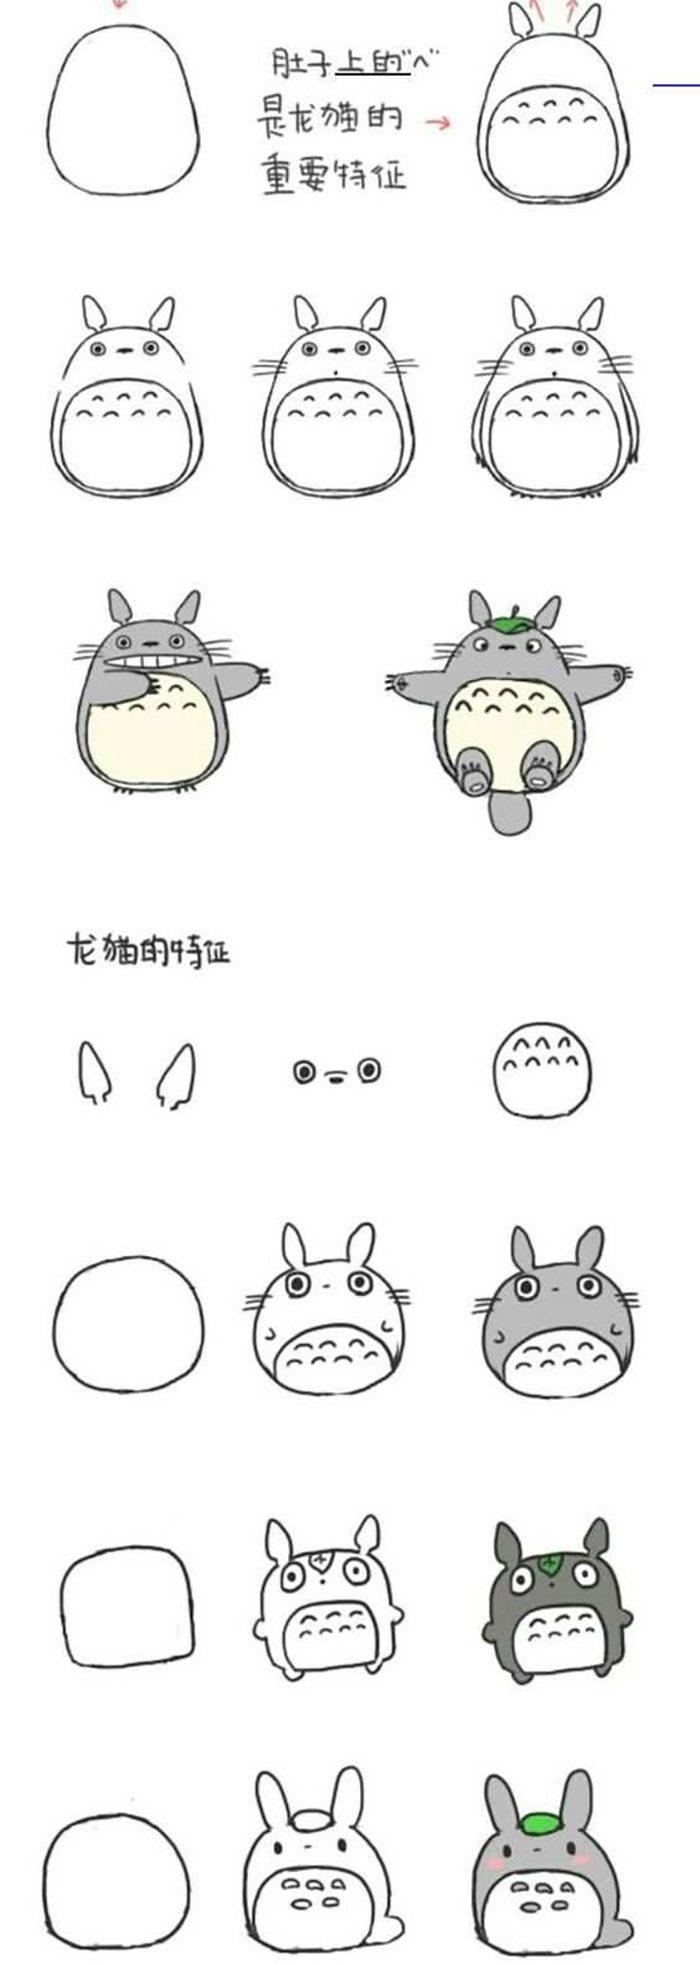 Hướng dẫn bé vẽ nhân vật hoạt hình Totoro